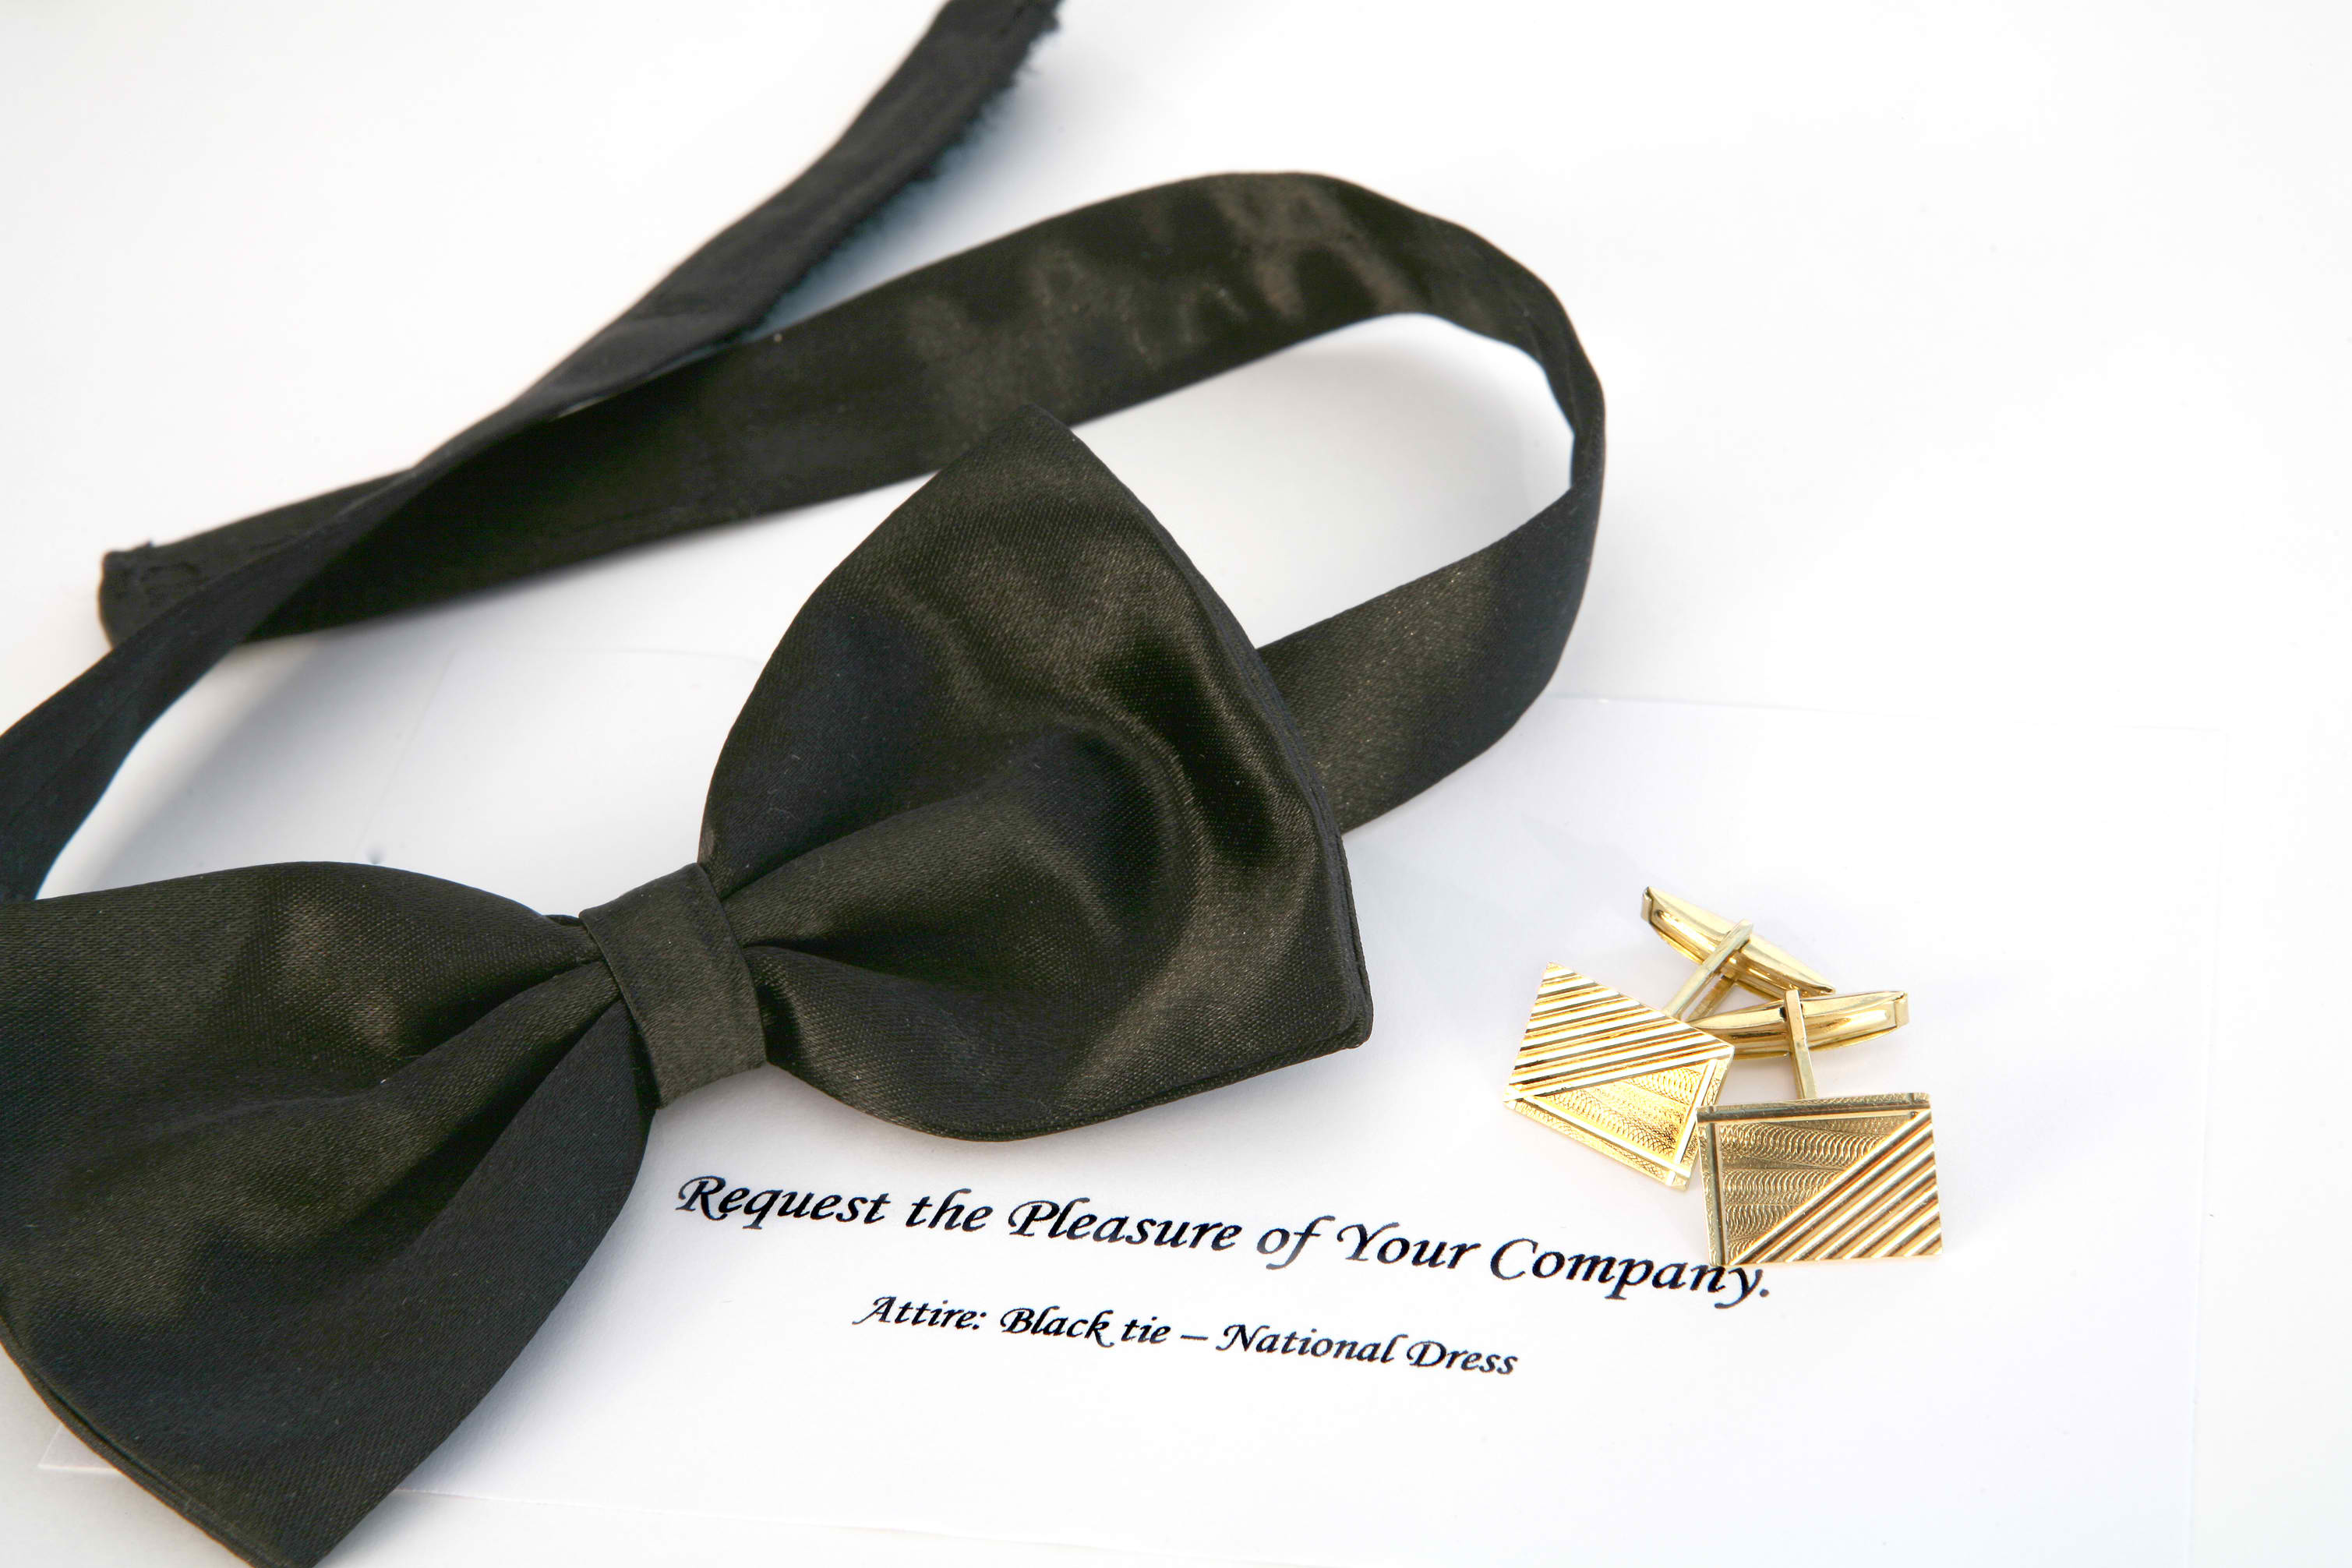 Black Tie Signficance